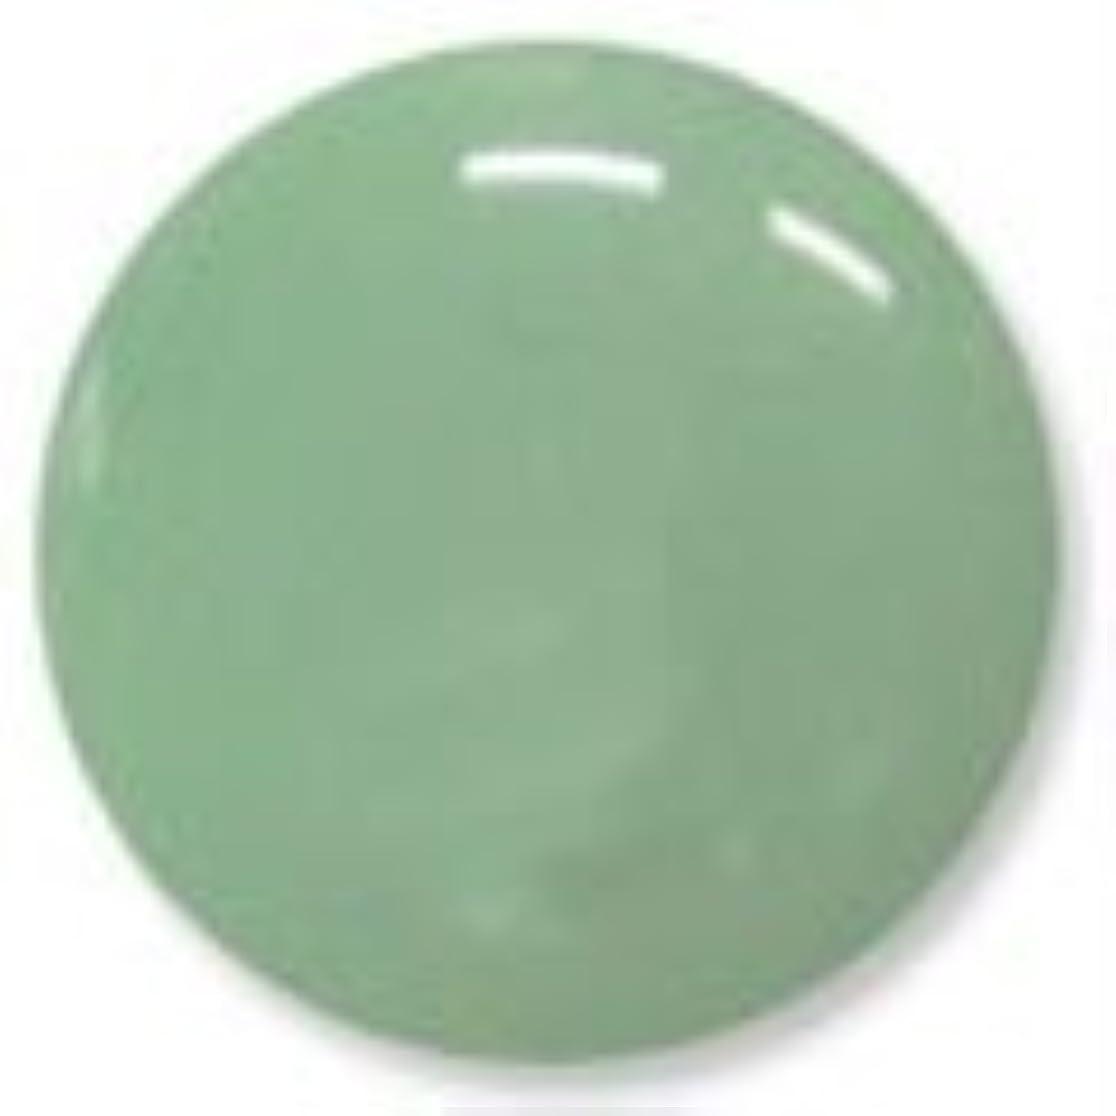 教科書納屋被るオリーブグリーン ソークオフジェル(ソフトジェル)LED/UV対応 8g NC033